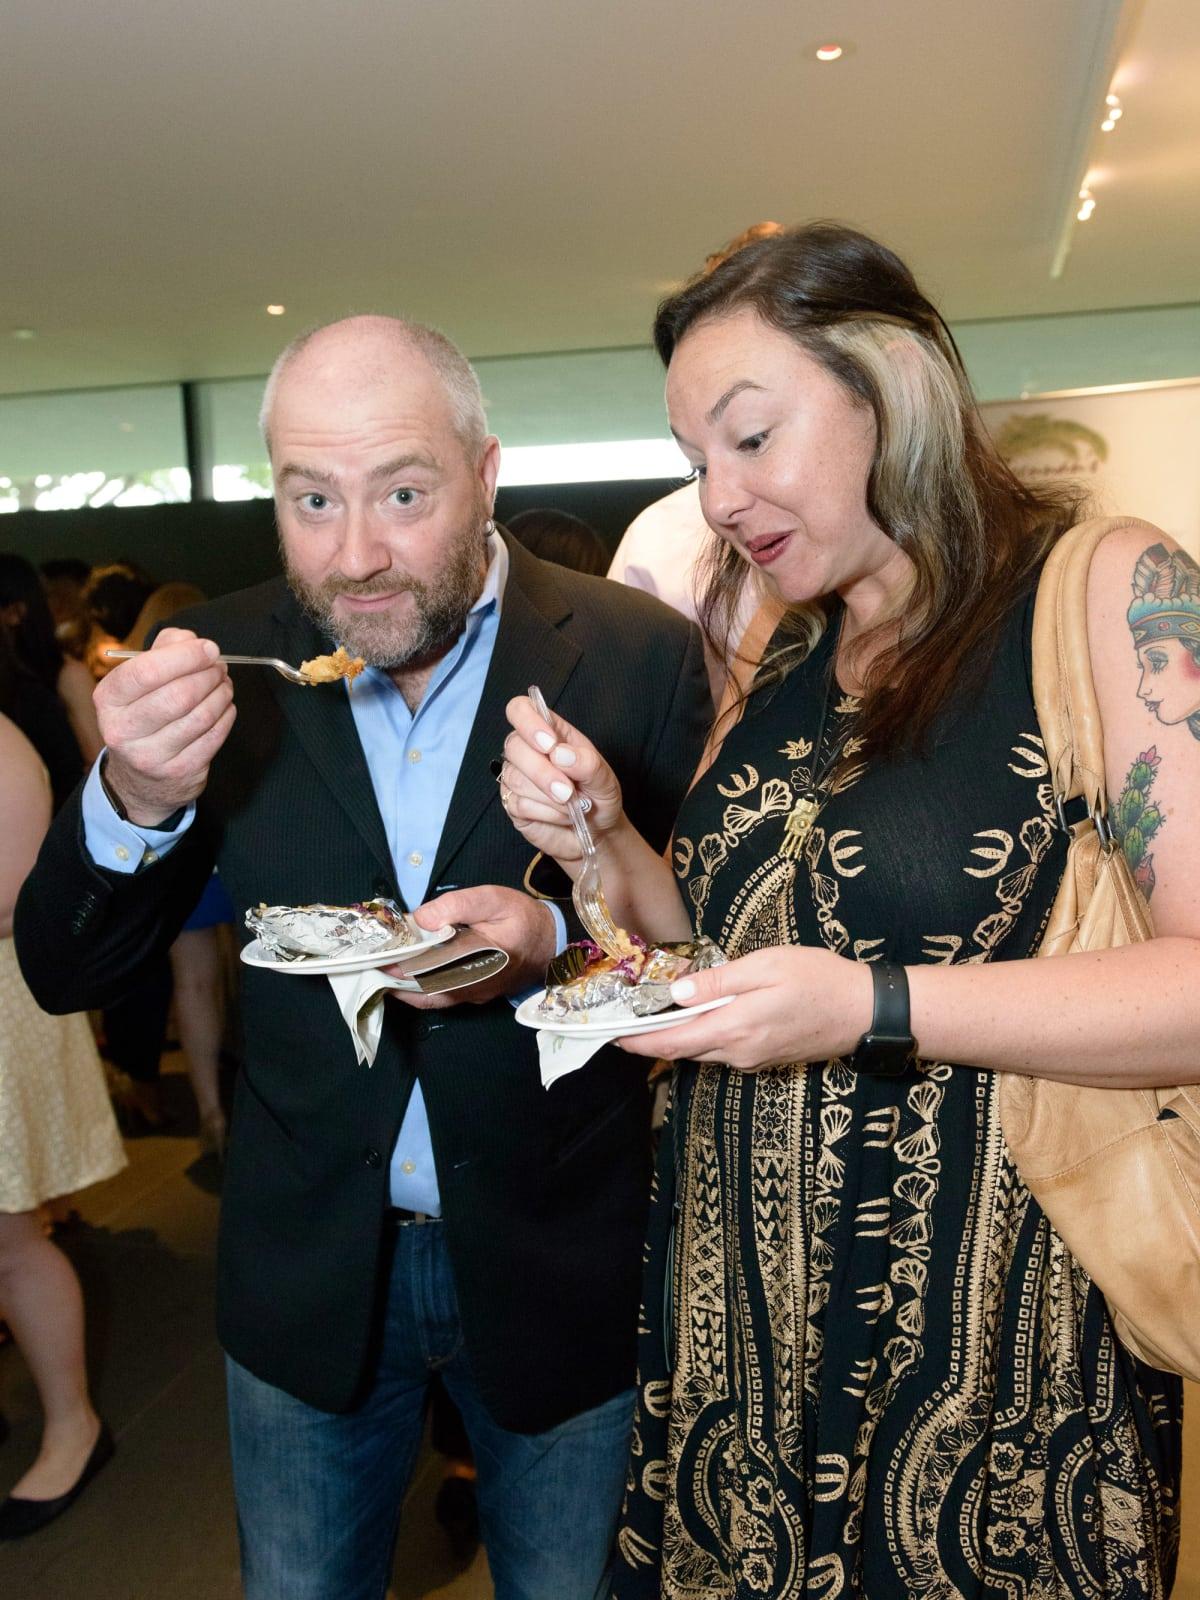 Tastemakers Houston 5/16, Richard Knight, Carrie Schroeder